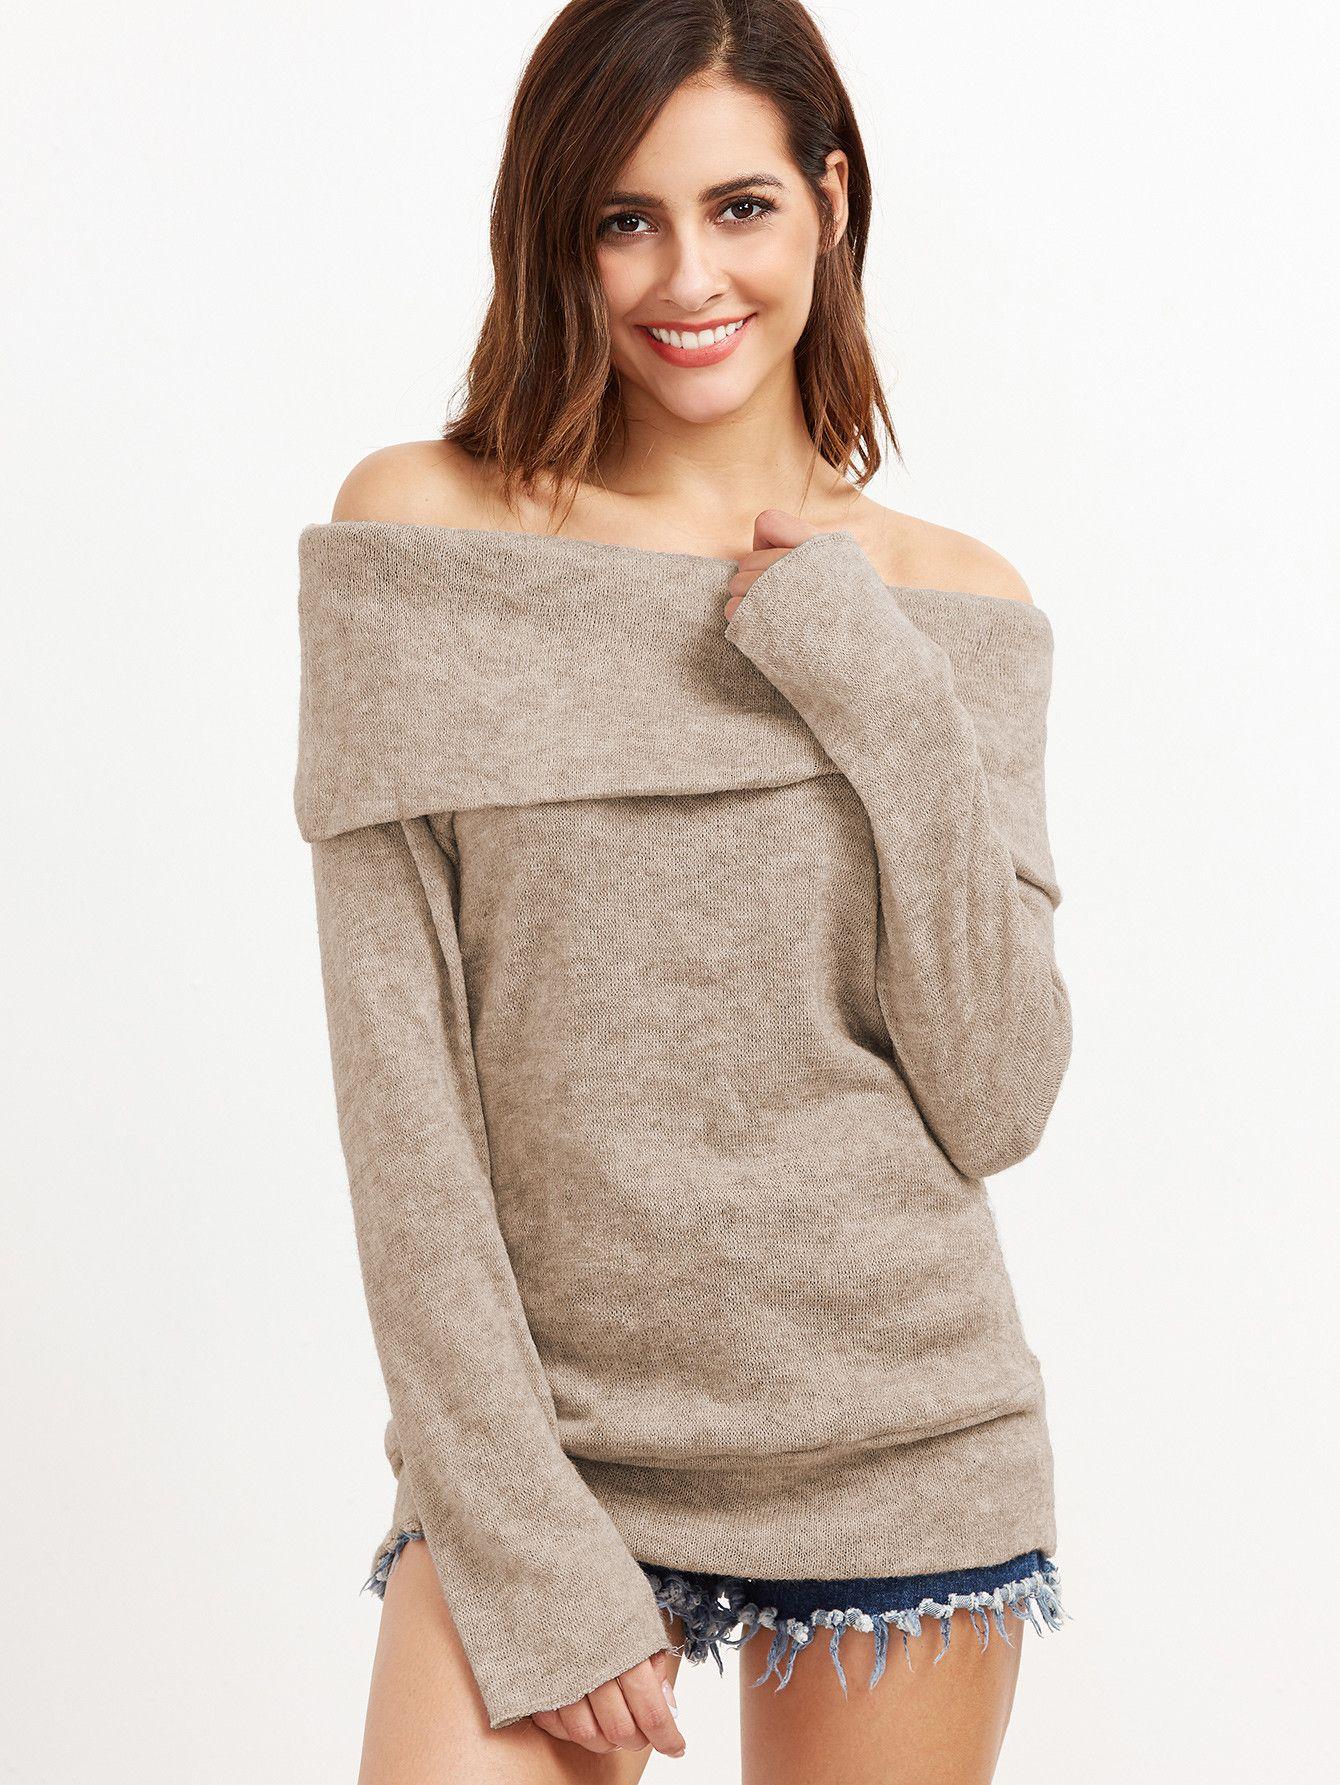 f5d839fb3f6ca Khaki Polyester Off Shoulder Foldover Knit T-shirt  T-shirt  Khaki   Polyester  Off Shoulder